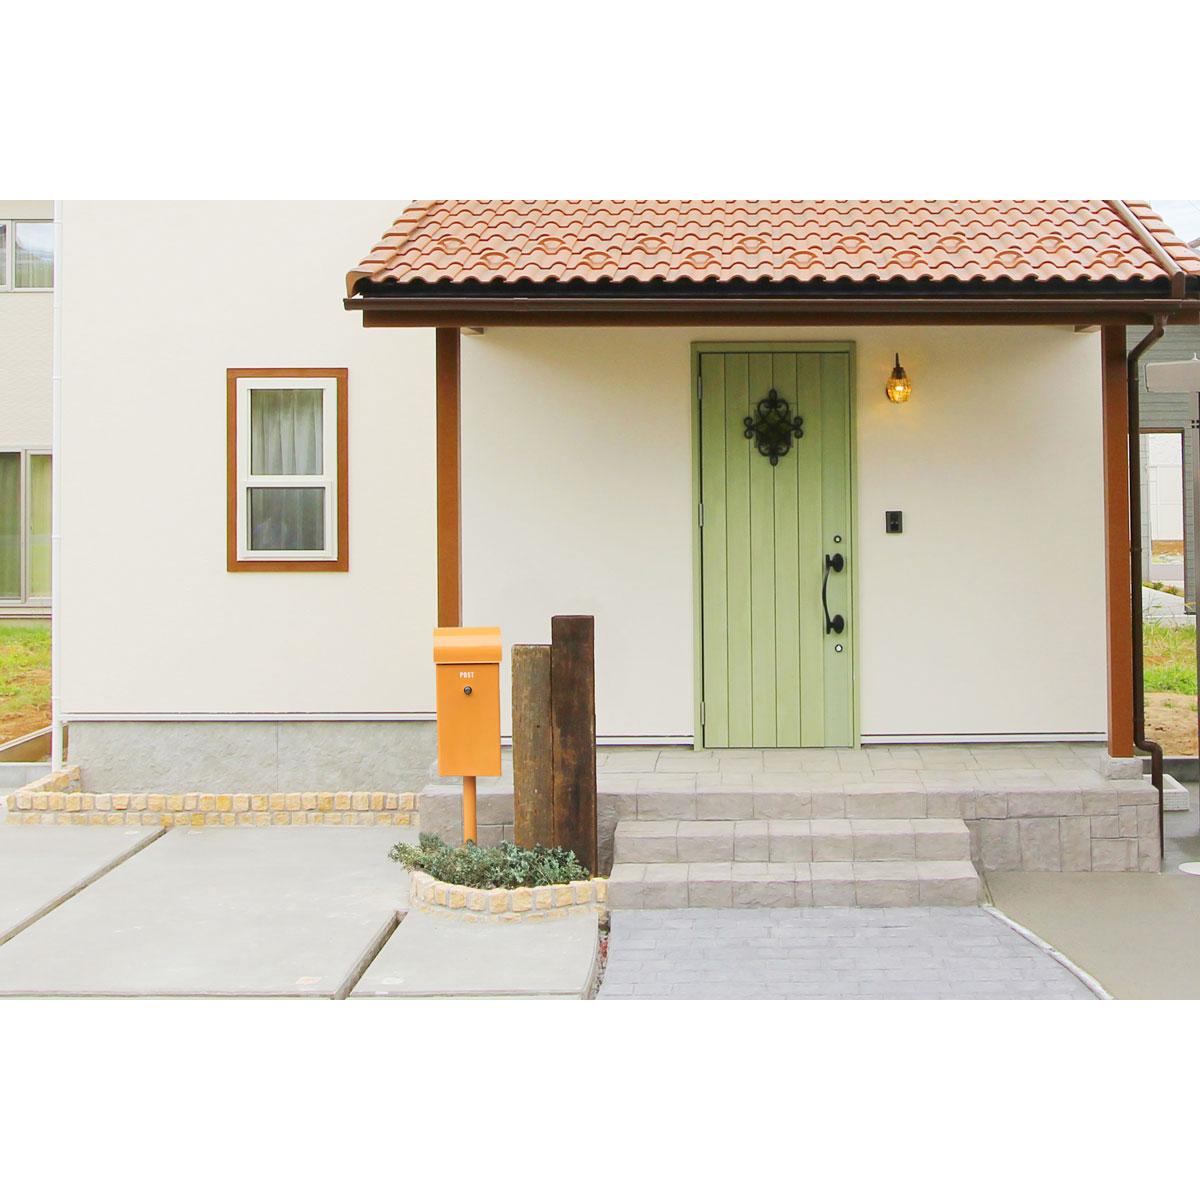 オレンジがアクセントに。玄関のアクセントにもなるメールボックス(ポスト/郵便受け)がかわいいお家を紹介。【酒田鶴岡でヨーロッパテイストのおしゃれでかわいいカフェのような新築Mamanの家を手がける工務店 ナチュラル工房伊藤住宅】